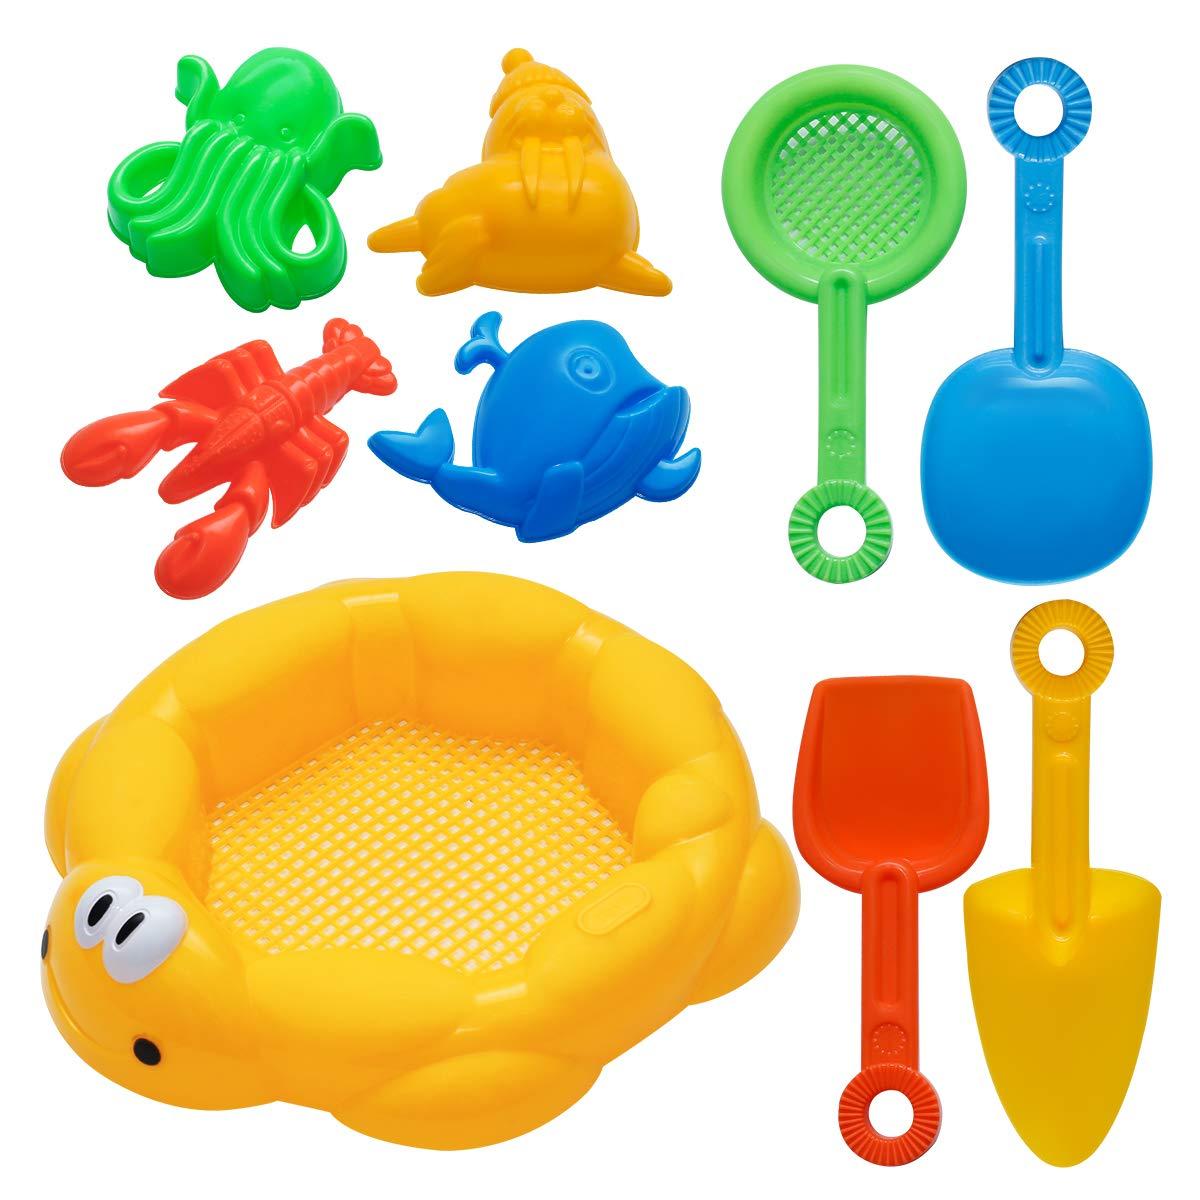 Holady 9 Pcs Piece Beach Toys Sand Toys Set Sand Toys Set